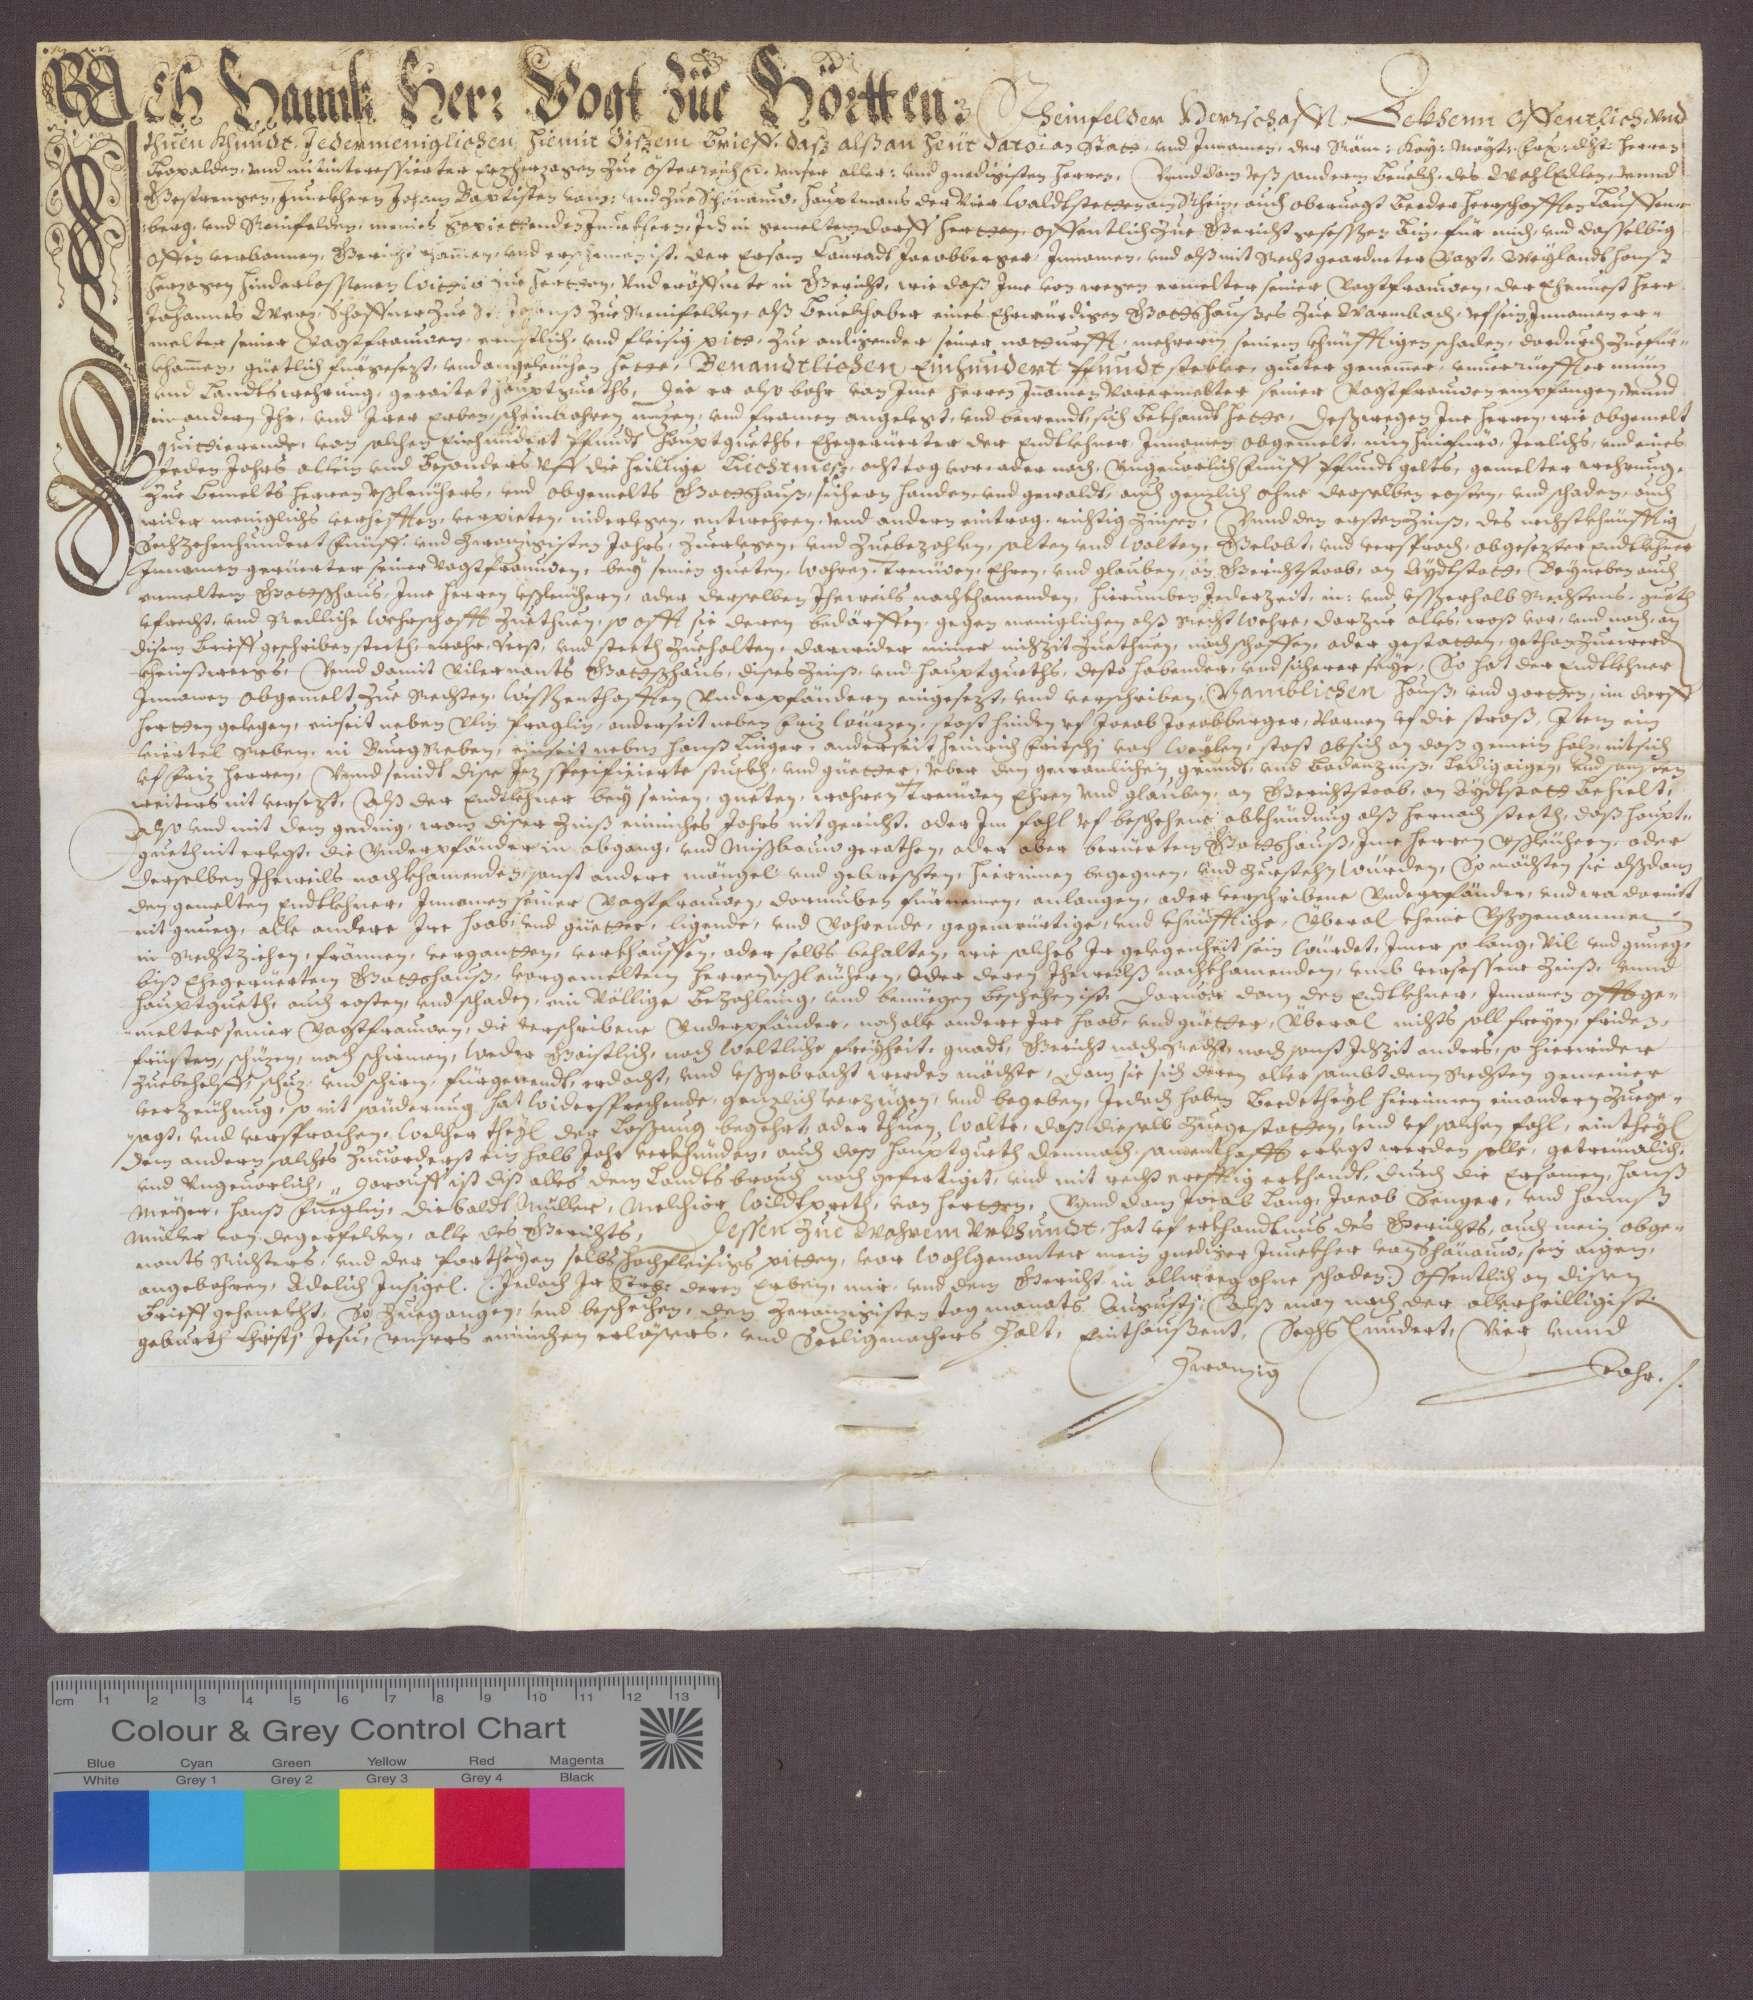 Die Witwe Hans Herzogs zu Herten verschreibt sich gegenüber der Kirche zu Warmbach wegen jährlich 5 Pfund Stebler Zins aus 100 Pfund Kapital., Bild 1